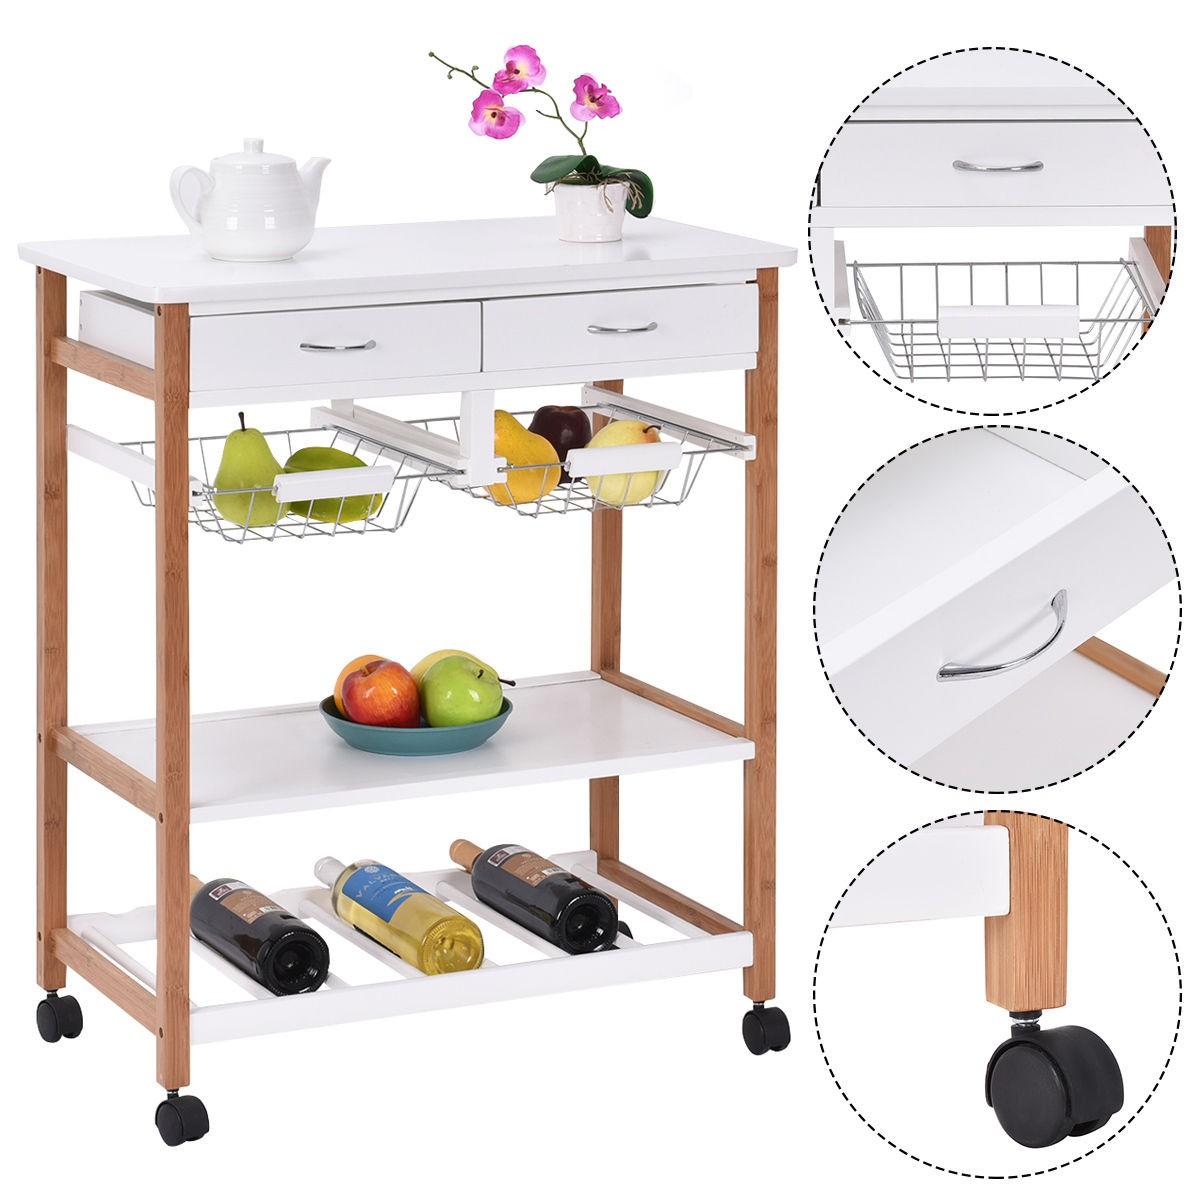 Portable Kitchen Rolling Cart Island Storage Wine Rack: Kitchen Rolling Wood Trolley Cart Island Storage Basket